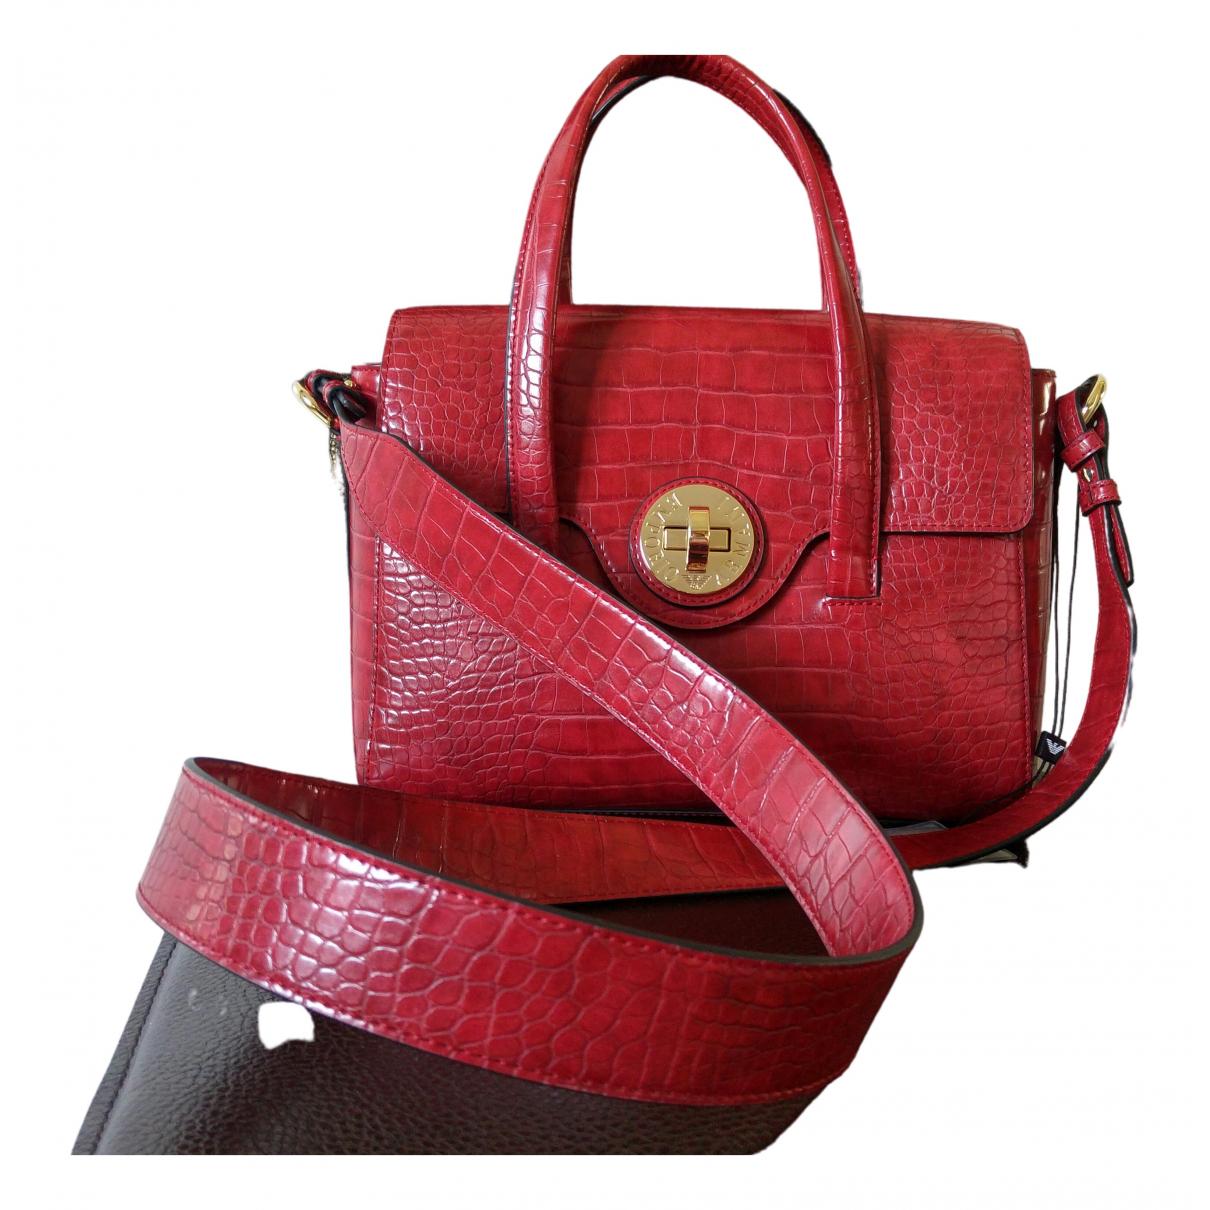 Emporio Armani \N Handtasche in  Rot Leder